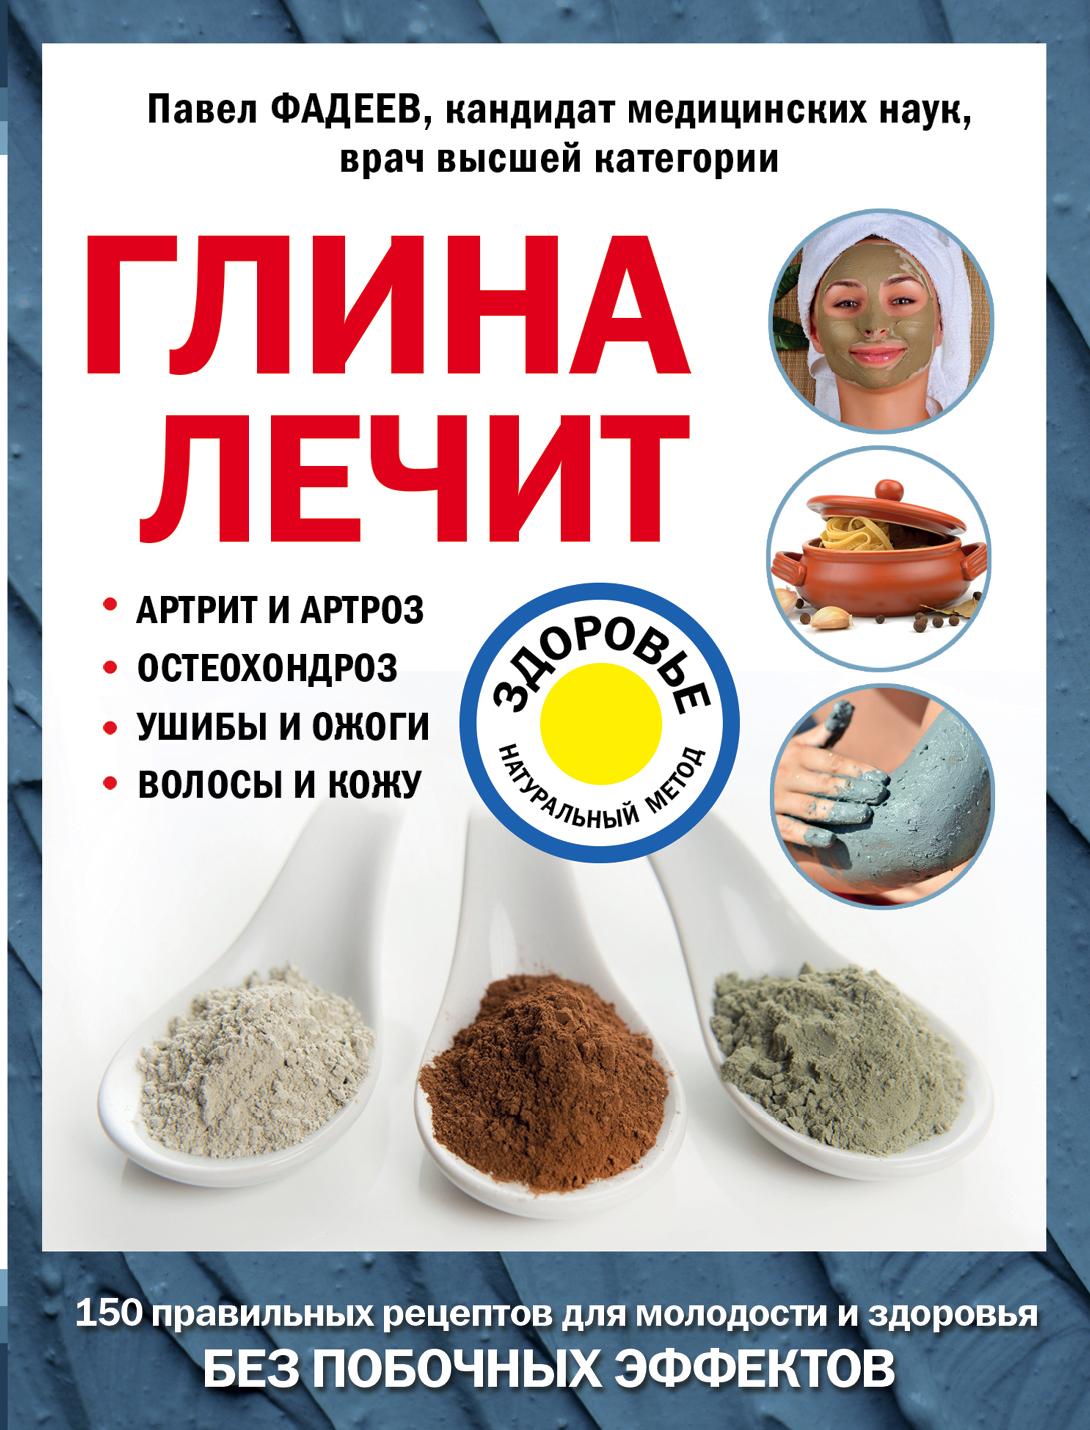 Павел Фадеев Глина лечит. Артрит и артроз, остеохондроз, ушибы и ожоги, волосы и кожу